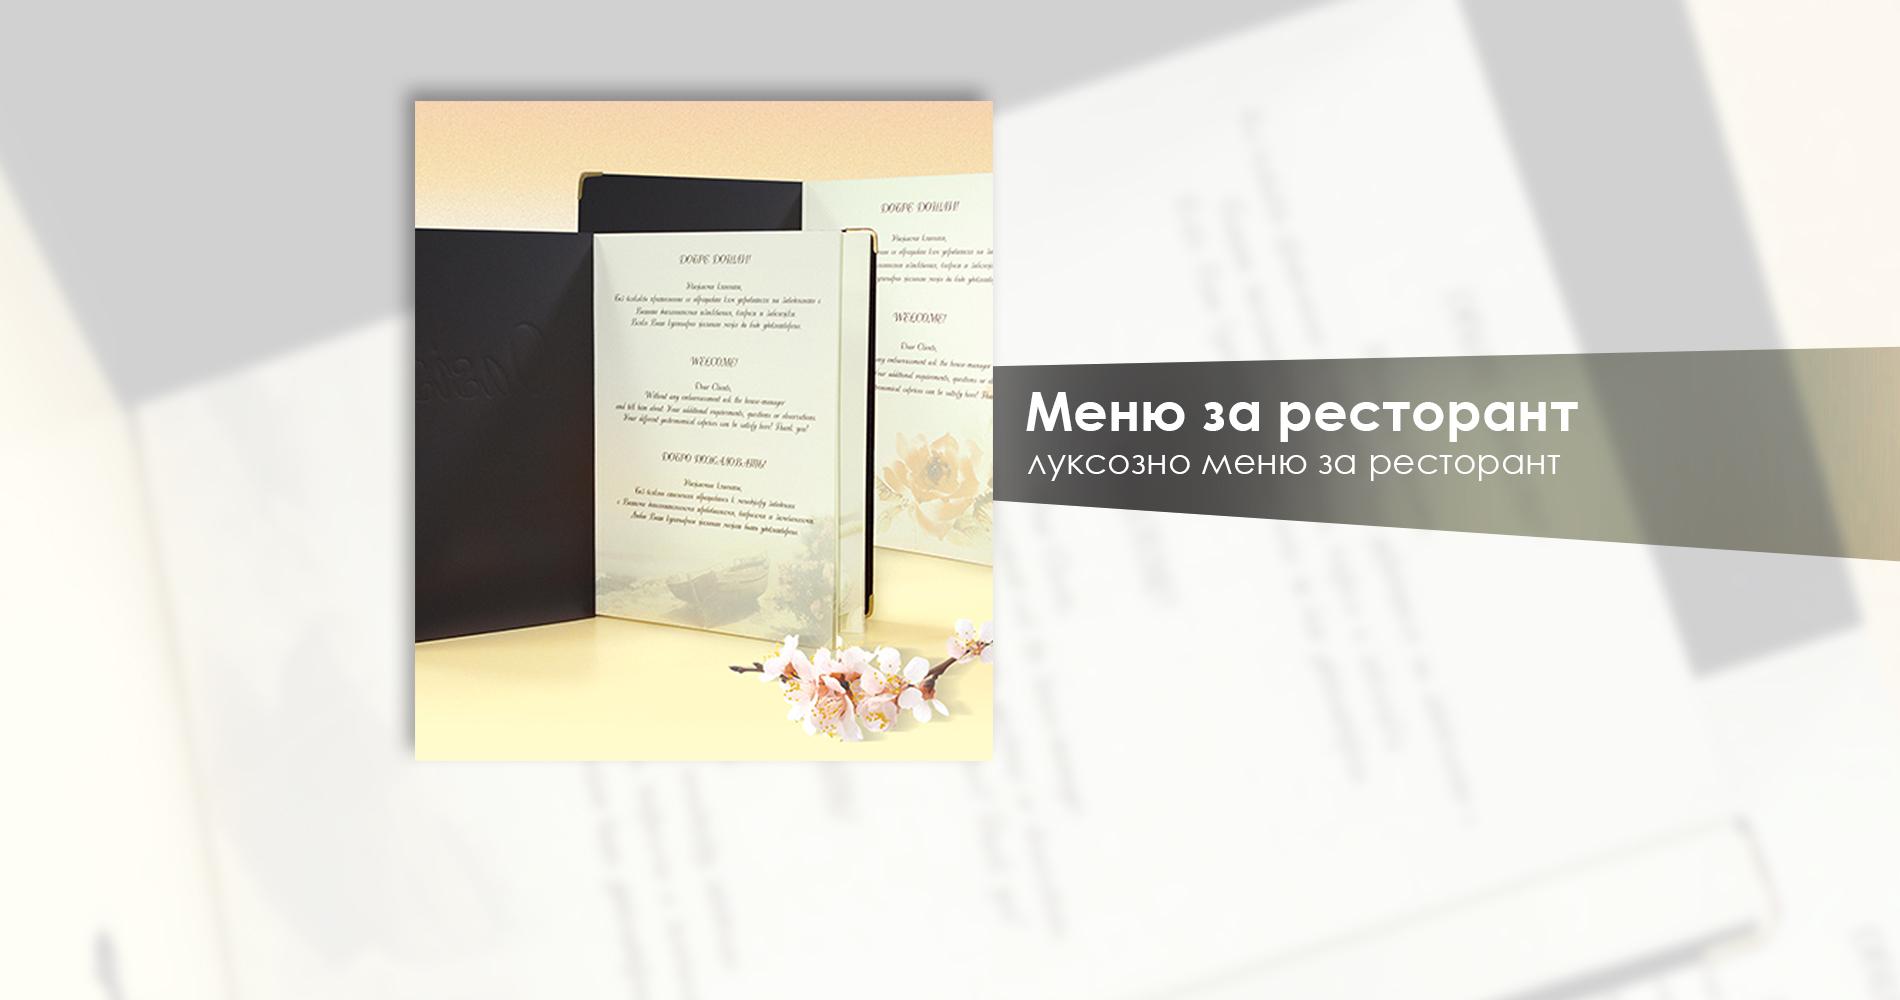 drugo-menu